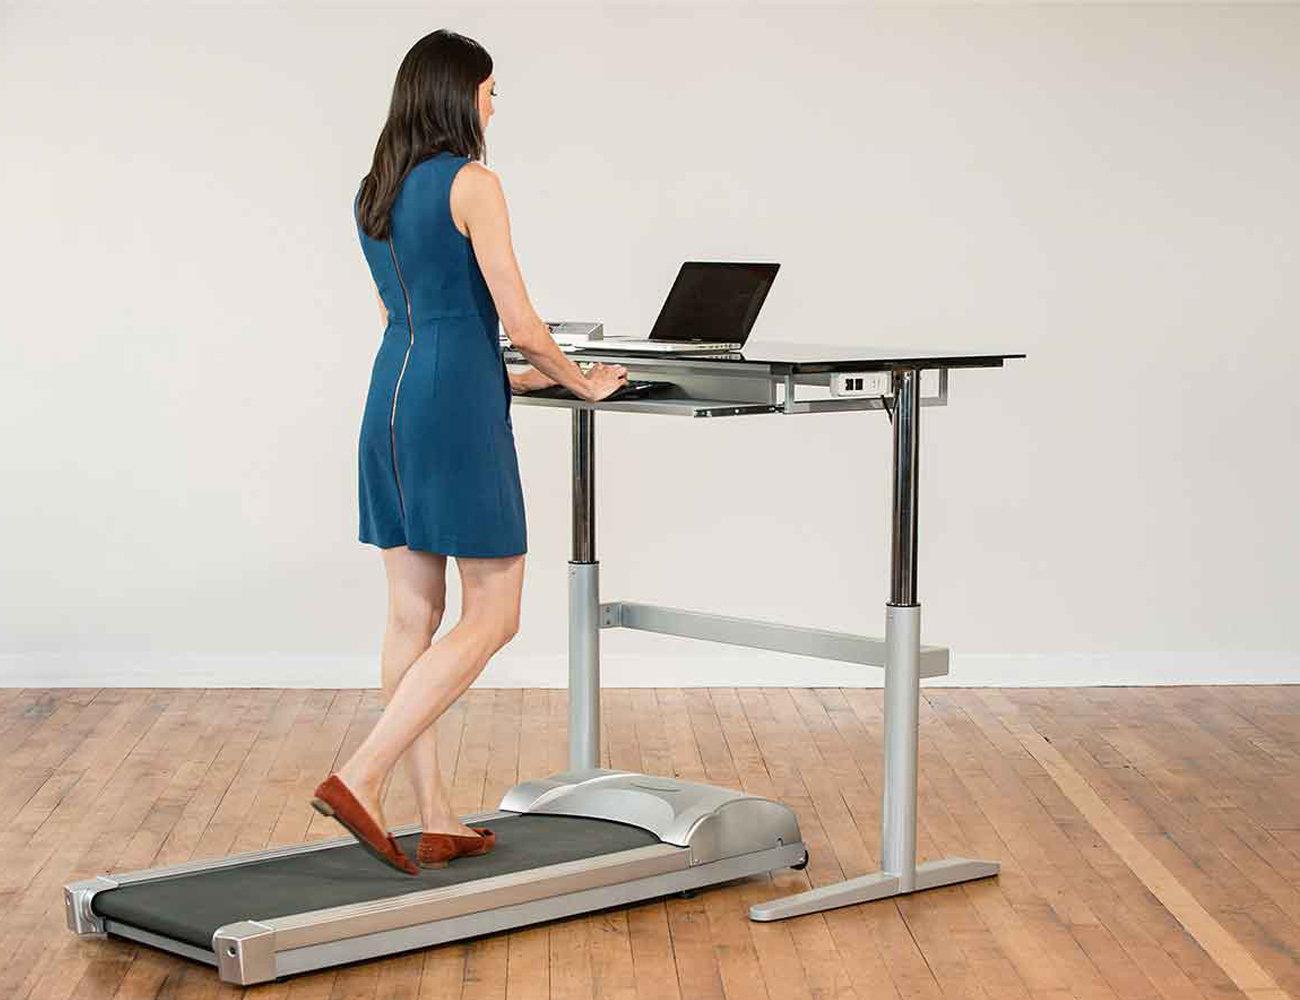 rebel_treadmill_and_desk_combination_01